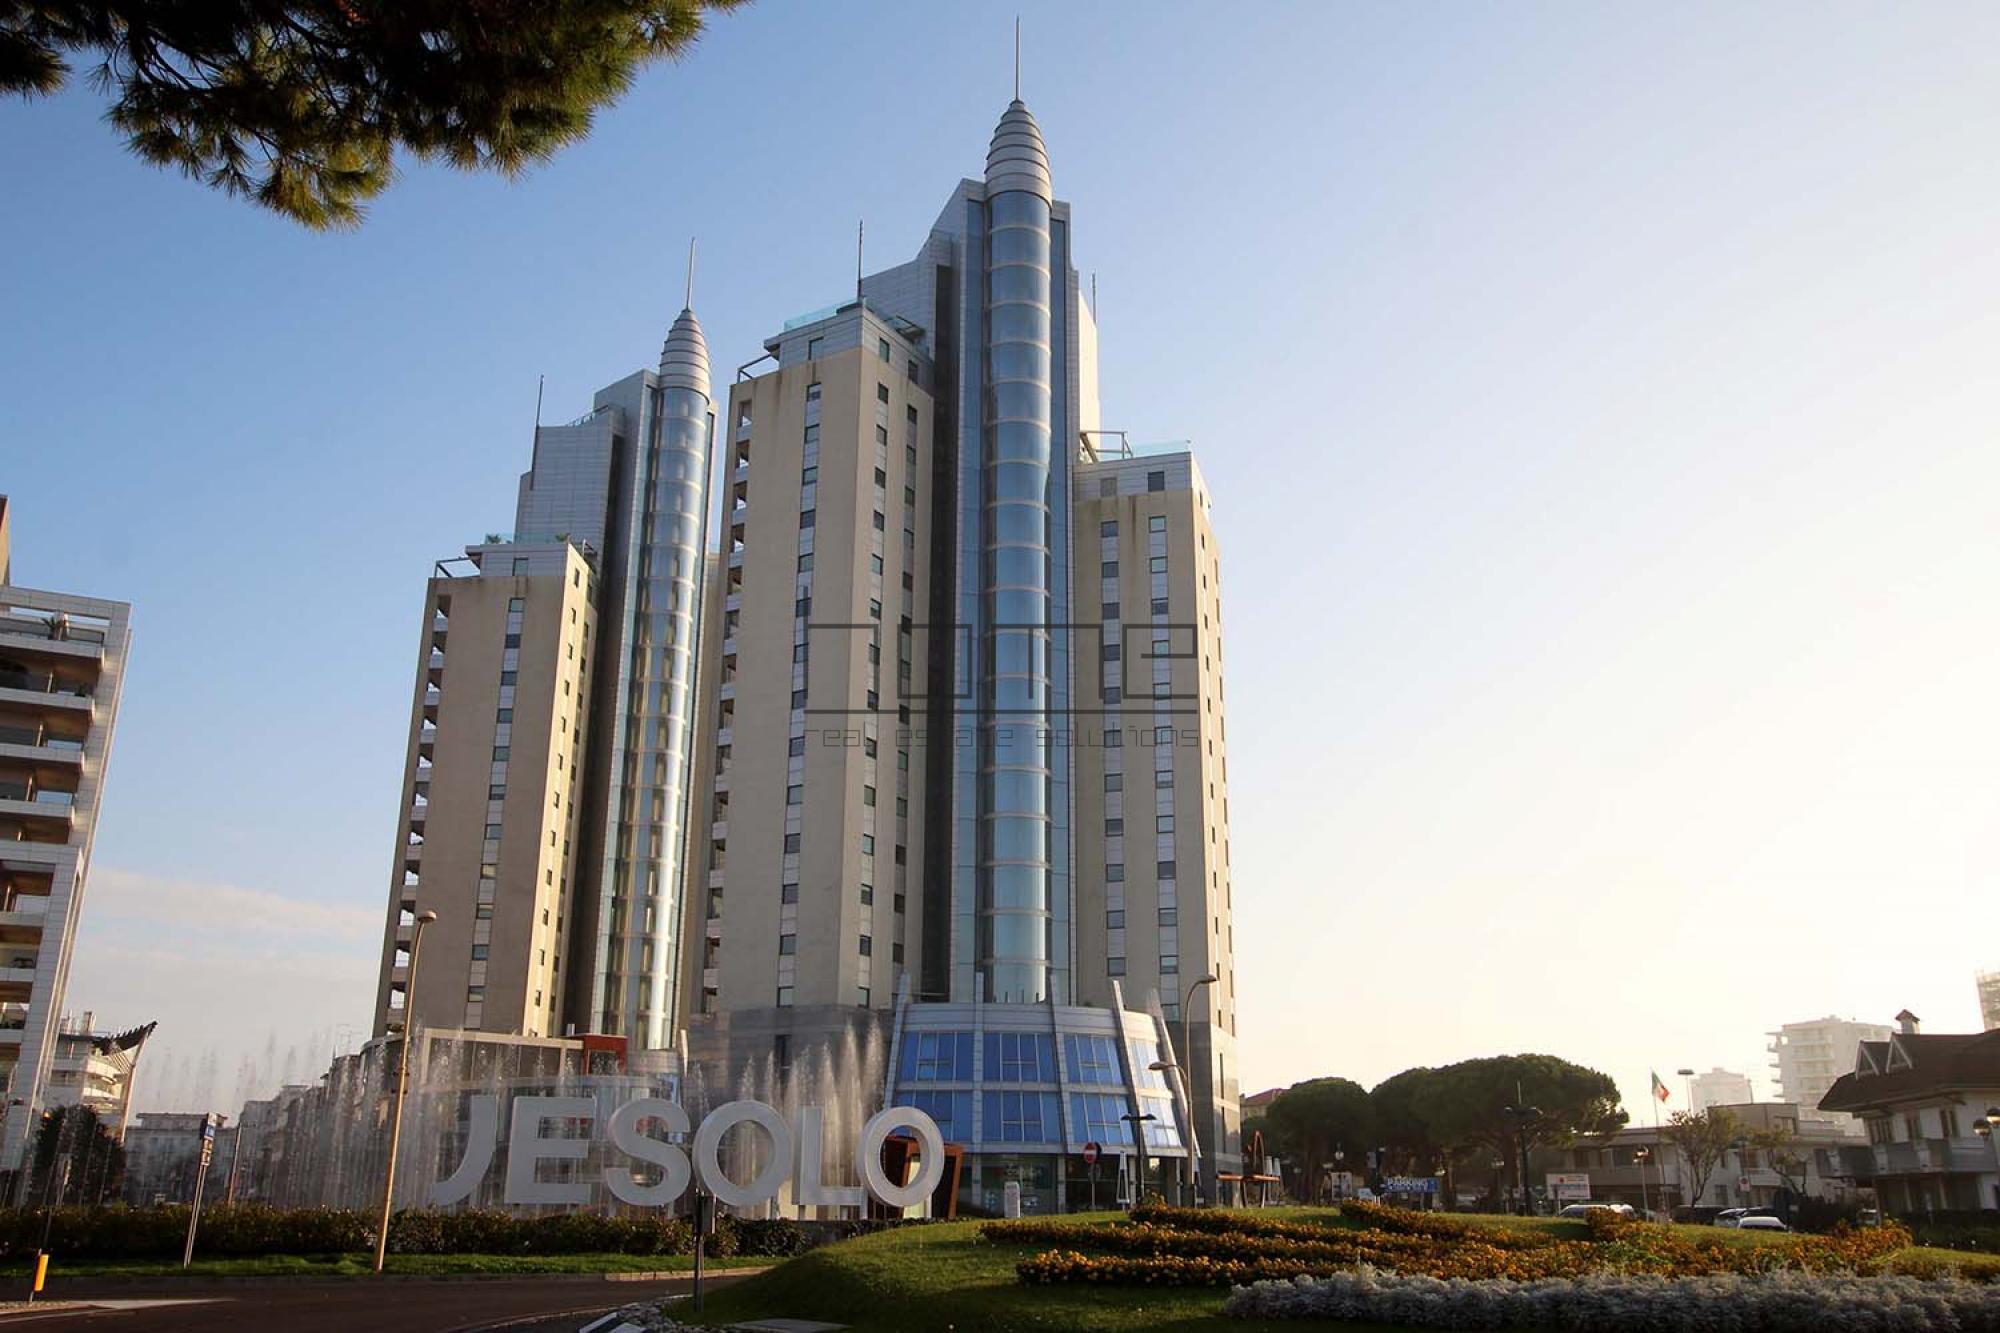 Home res appartamenti in affitto e case in vendita a jesolo for Case in vendita con appartamento seminterrato